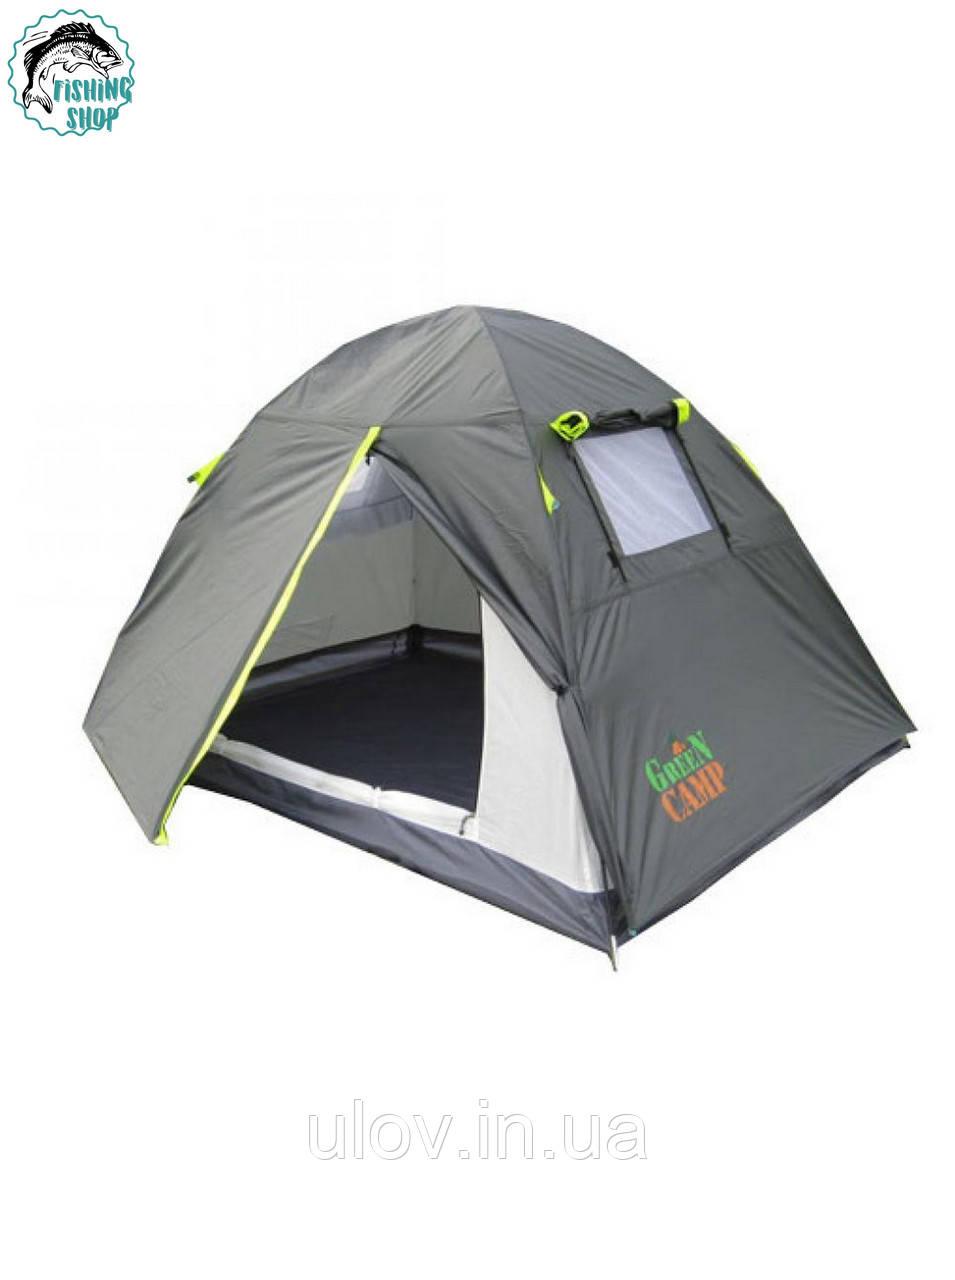 Палатка 2-х местная Green Camp 1001 (серая)